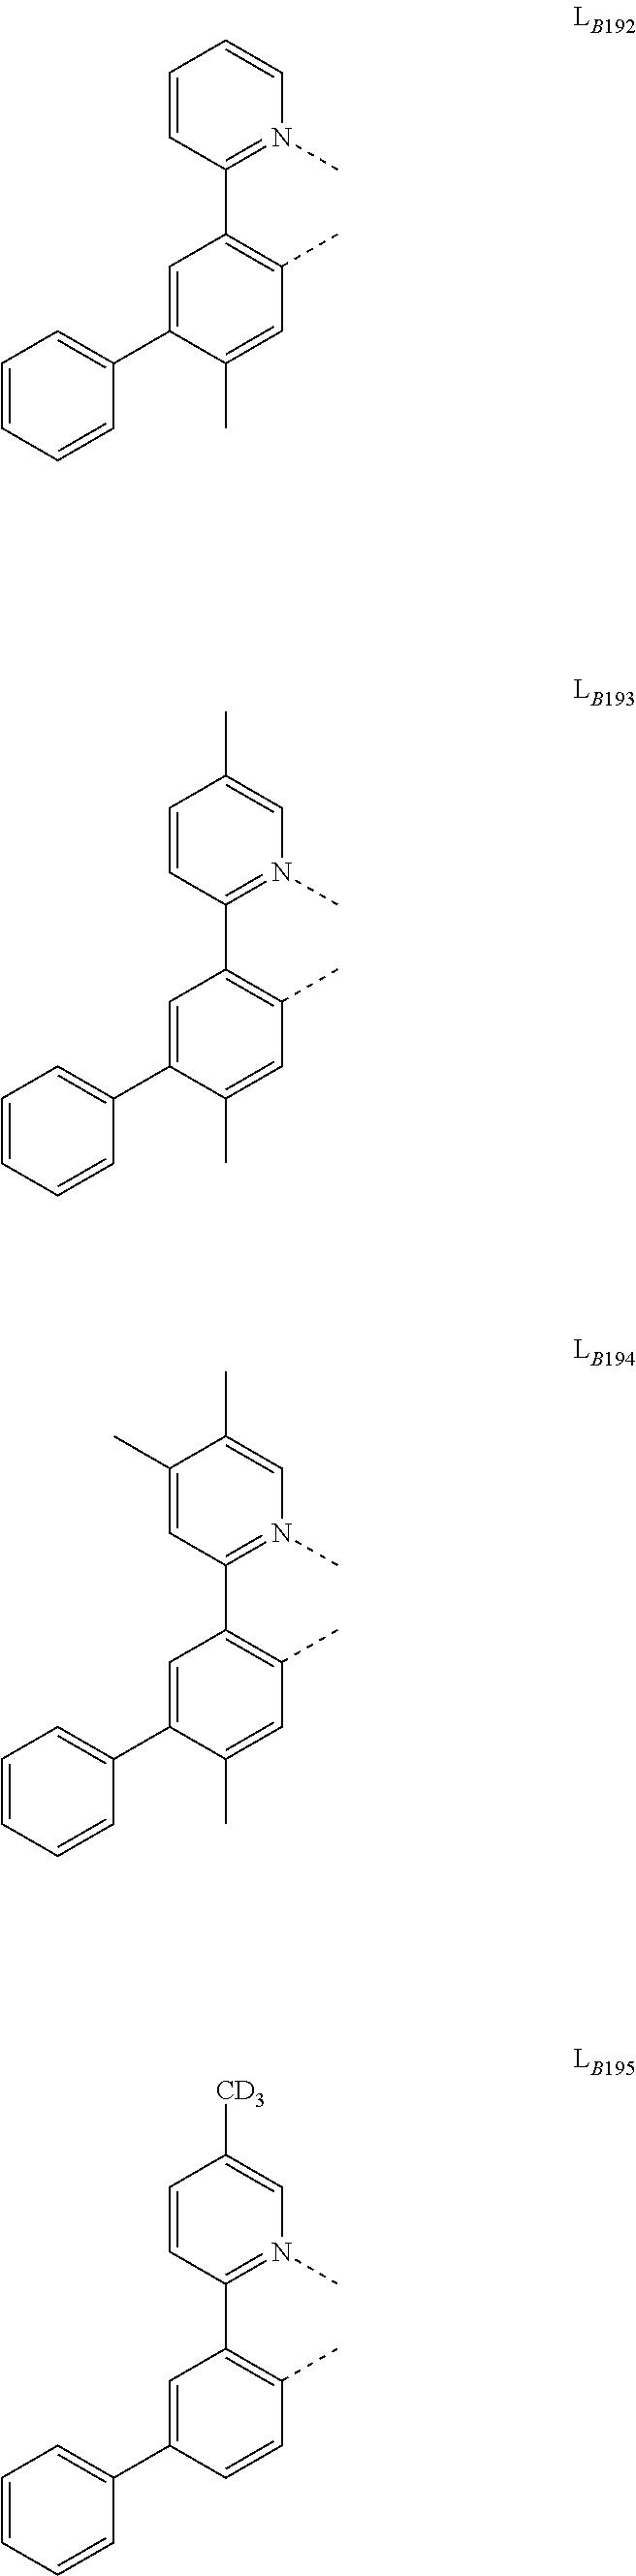 Figure US09929360-20180327-C00079